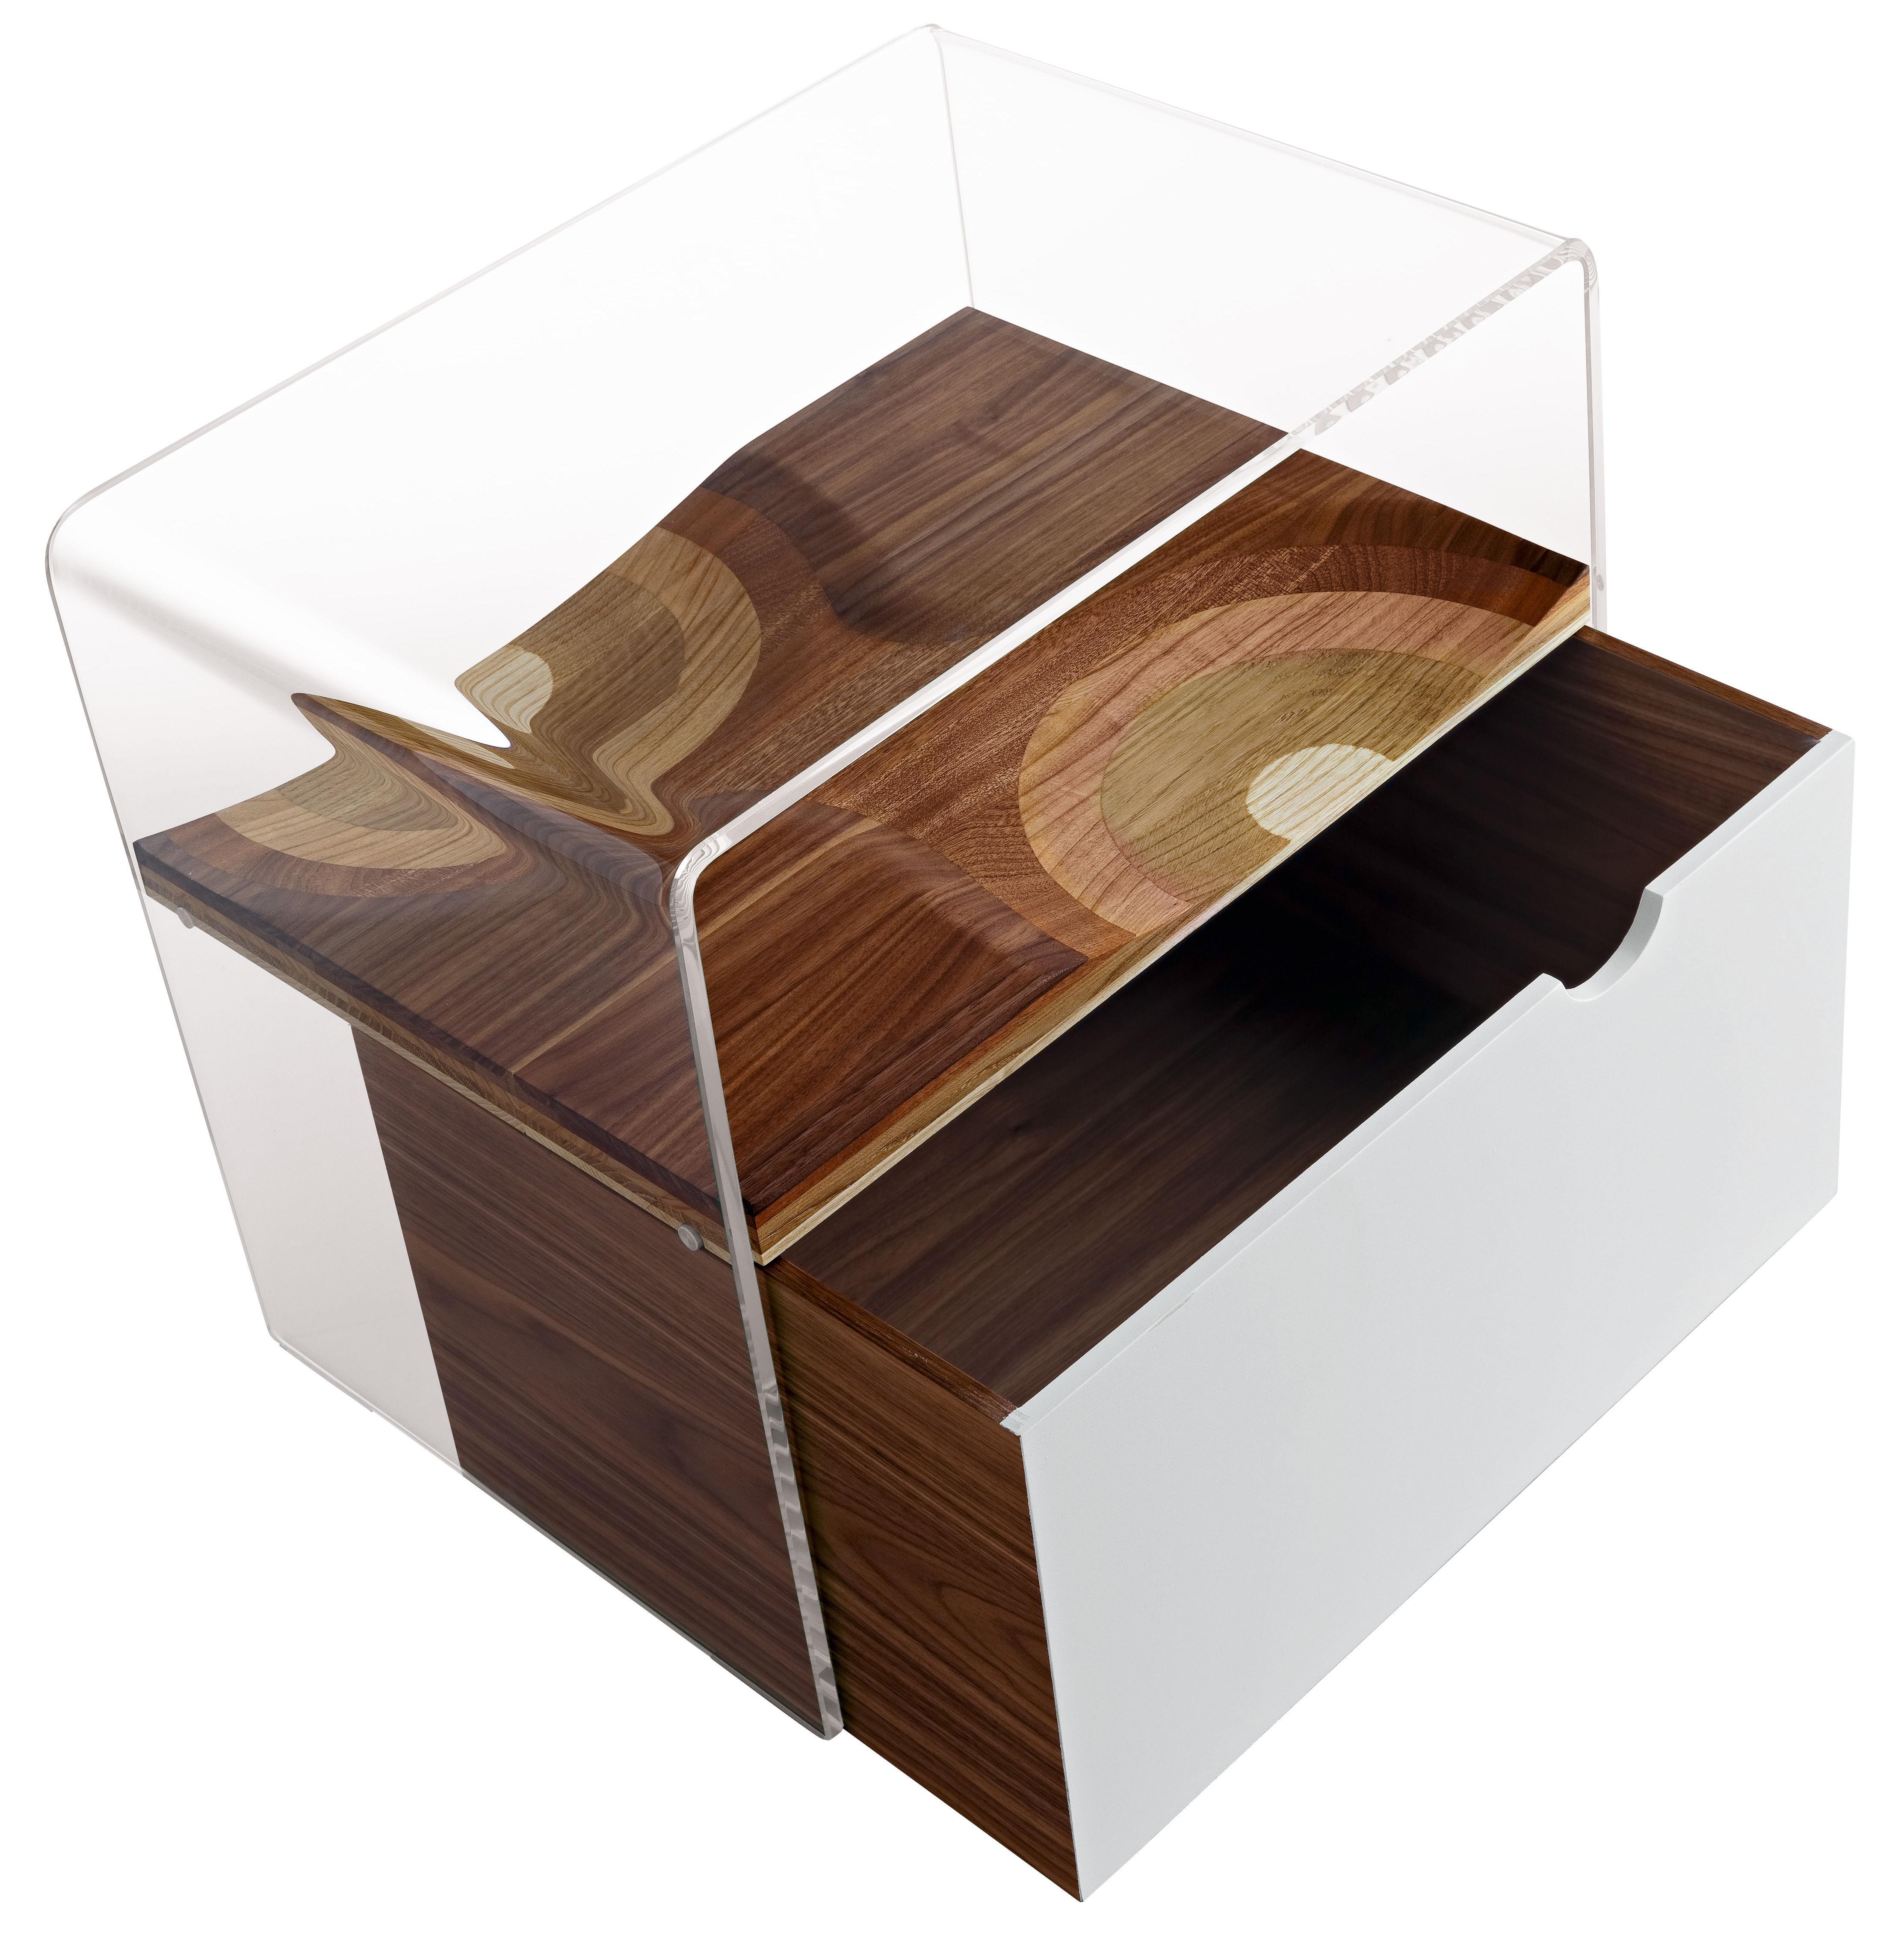 Mobilier - Meubles de rangement - Tiroir pour chevet Bifronte - Horm - Noyer / Blanc - Laminé de bois